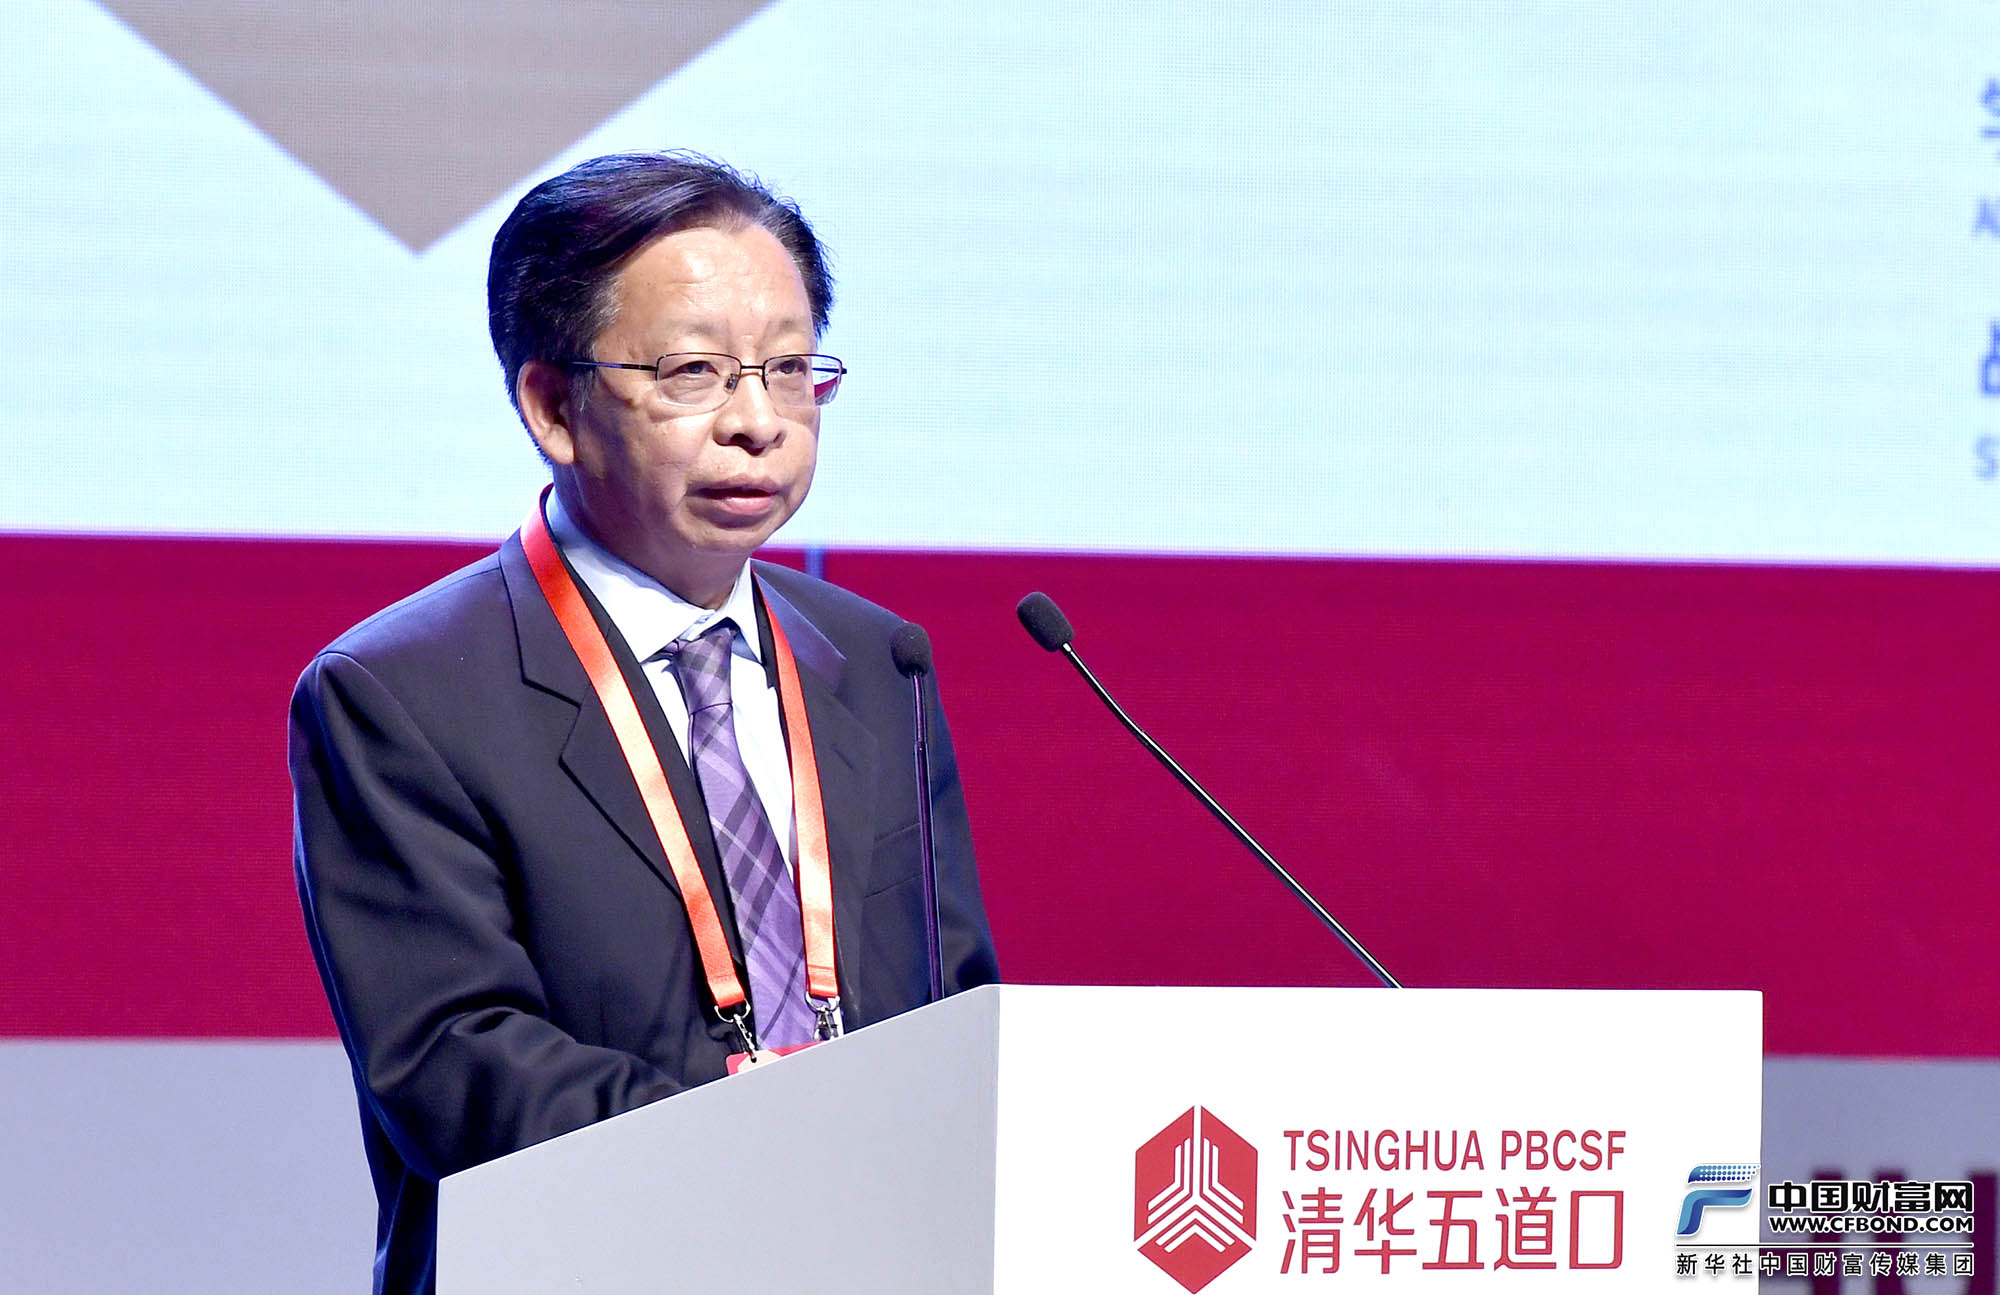 演讲嘉宾:中国人民大学汉青经济与金融高级研究院院长汪昌云